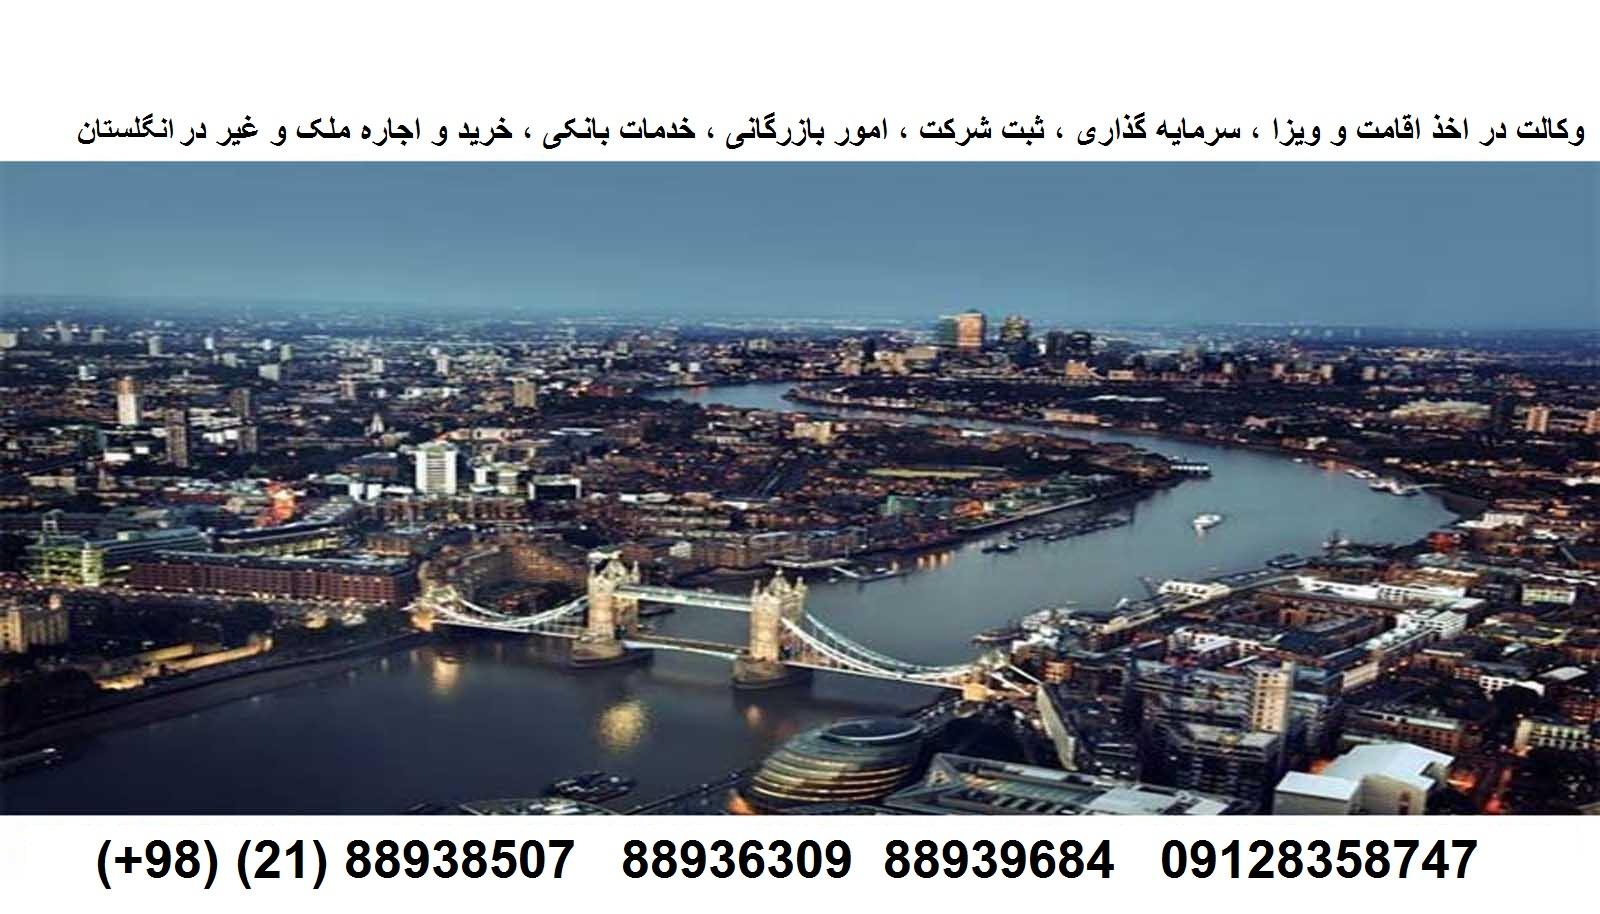 مهاجرت به کشور انگلستان (3)